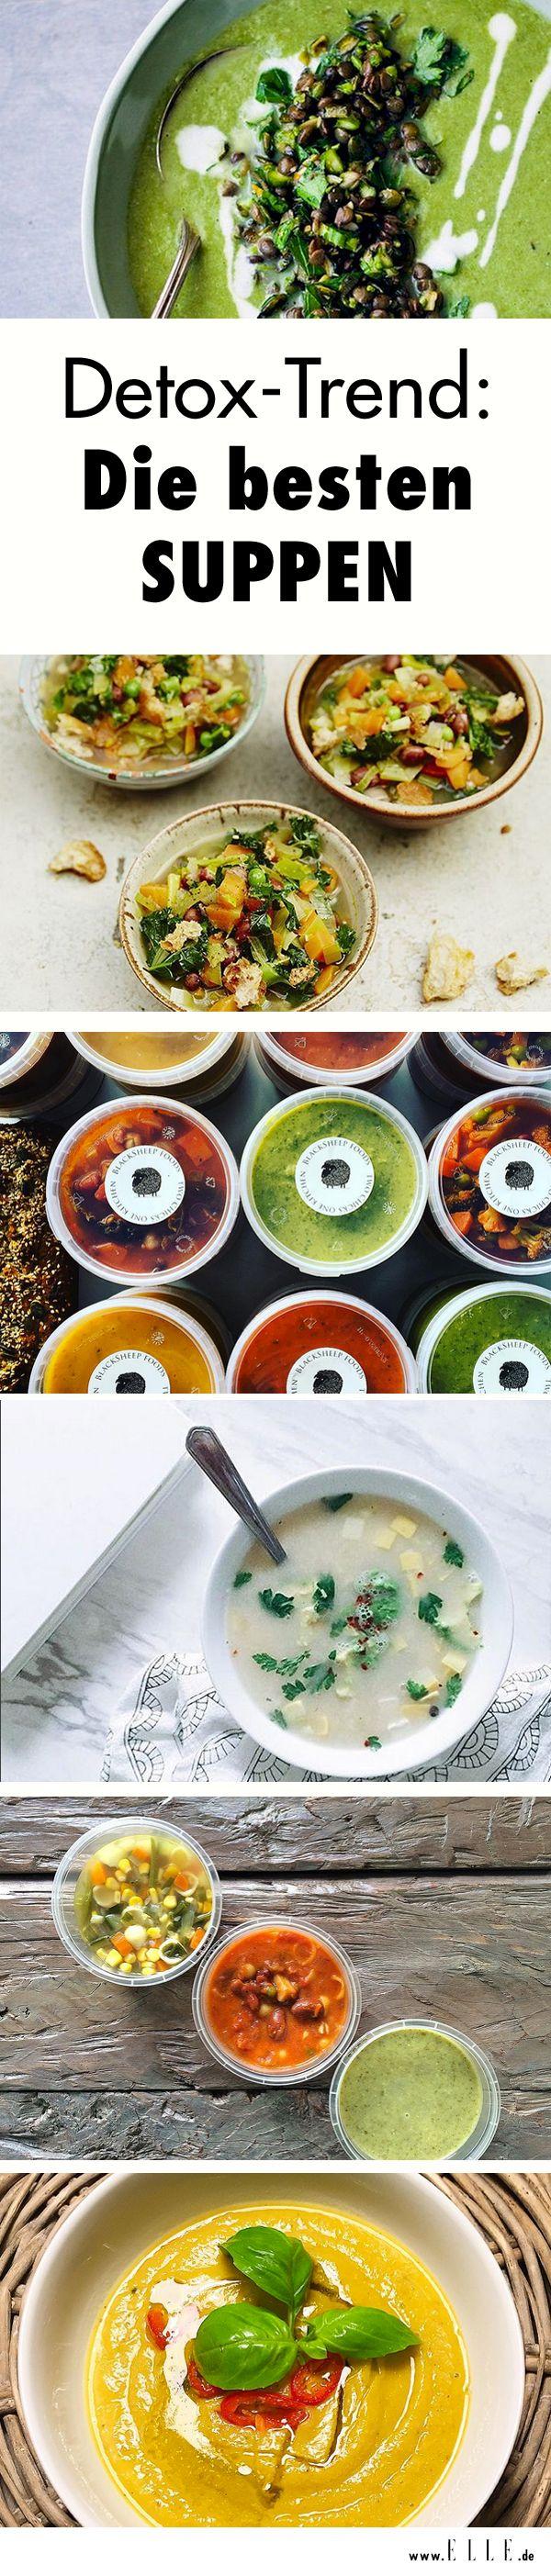 Statt Saftkur machen Ernährungsbewusste jetzt die Suppenkur. Wir stellen den neuen Food-Trend aus den USA vor und erklären was er bringt.